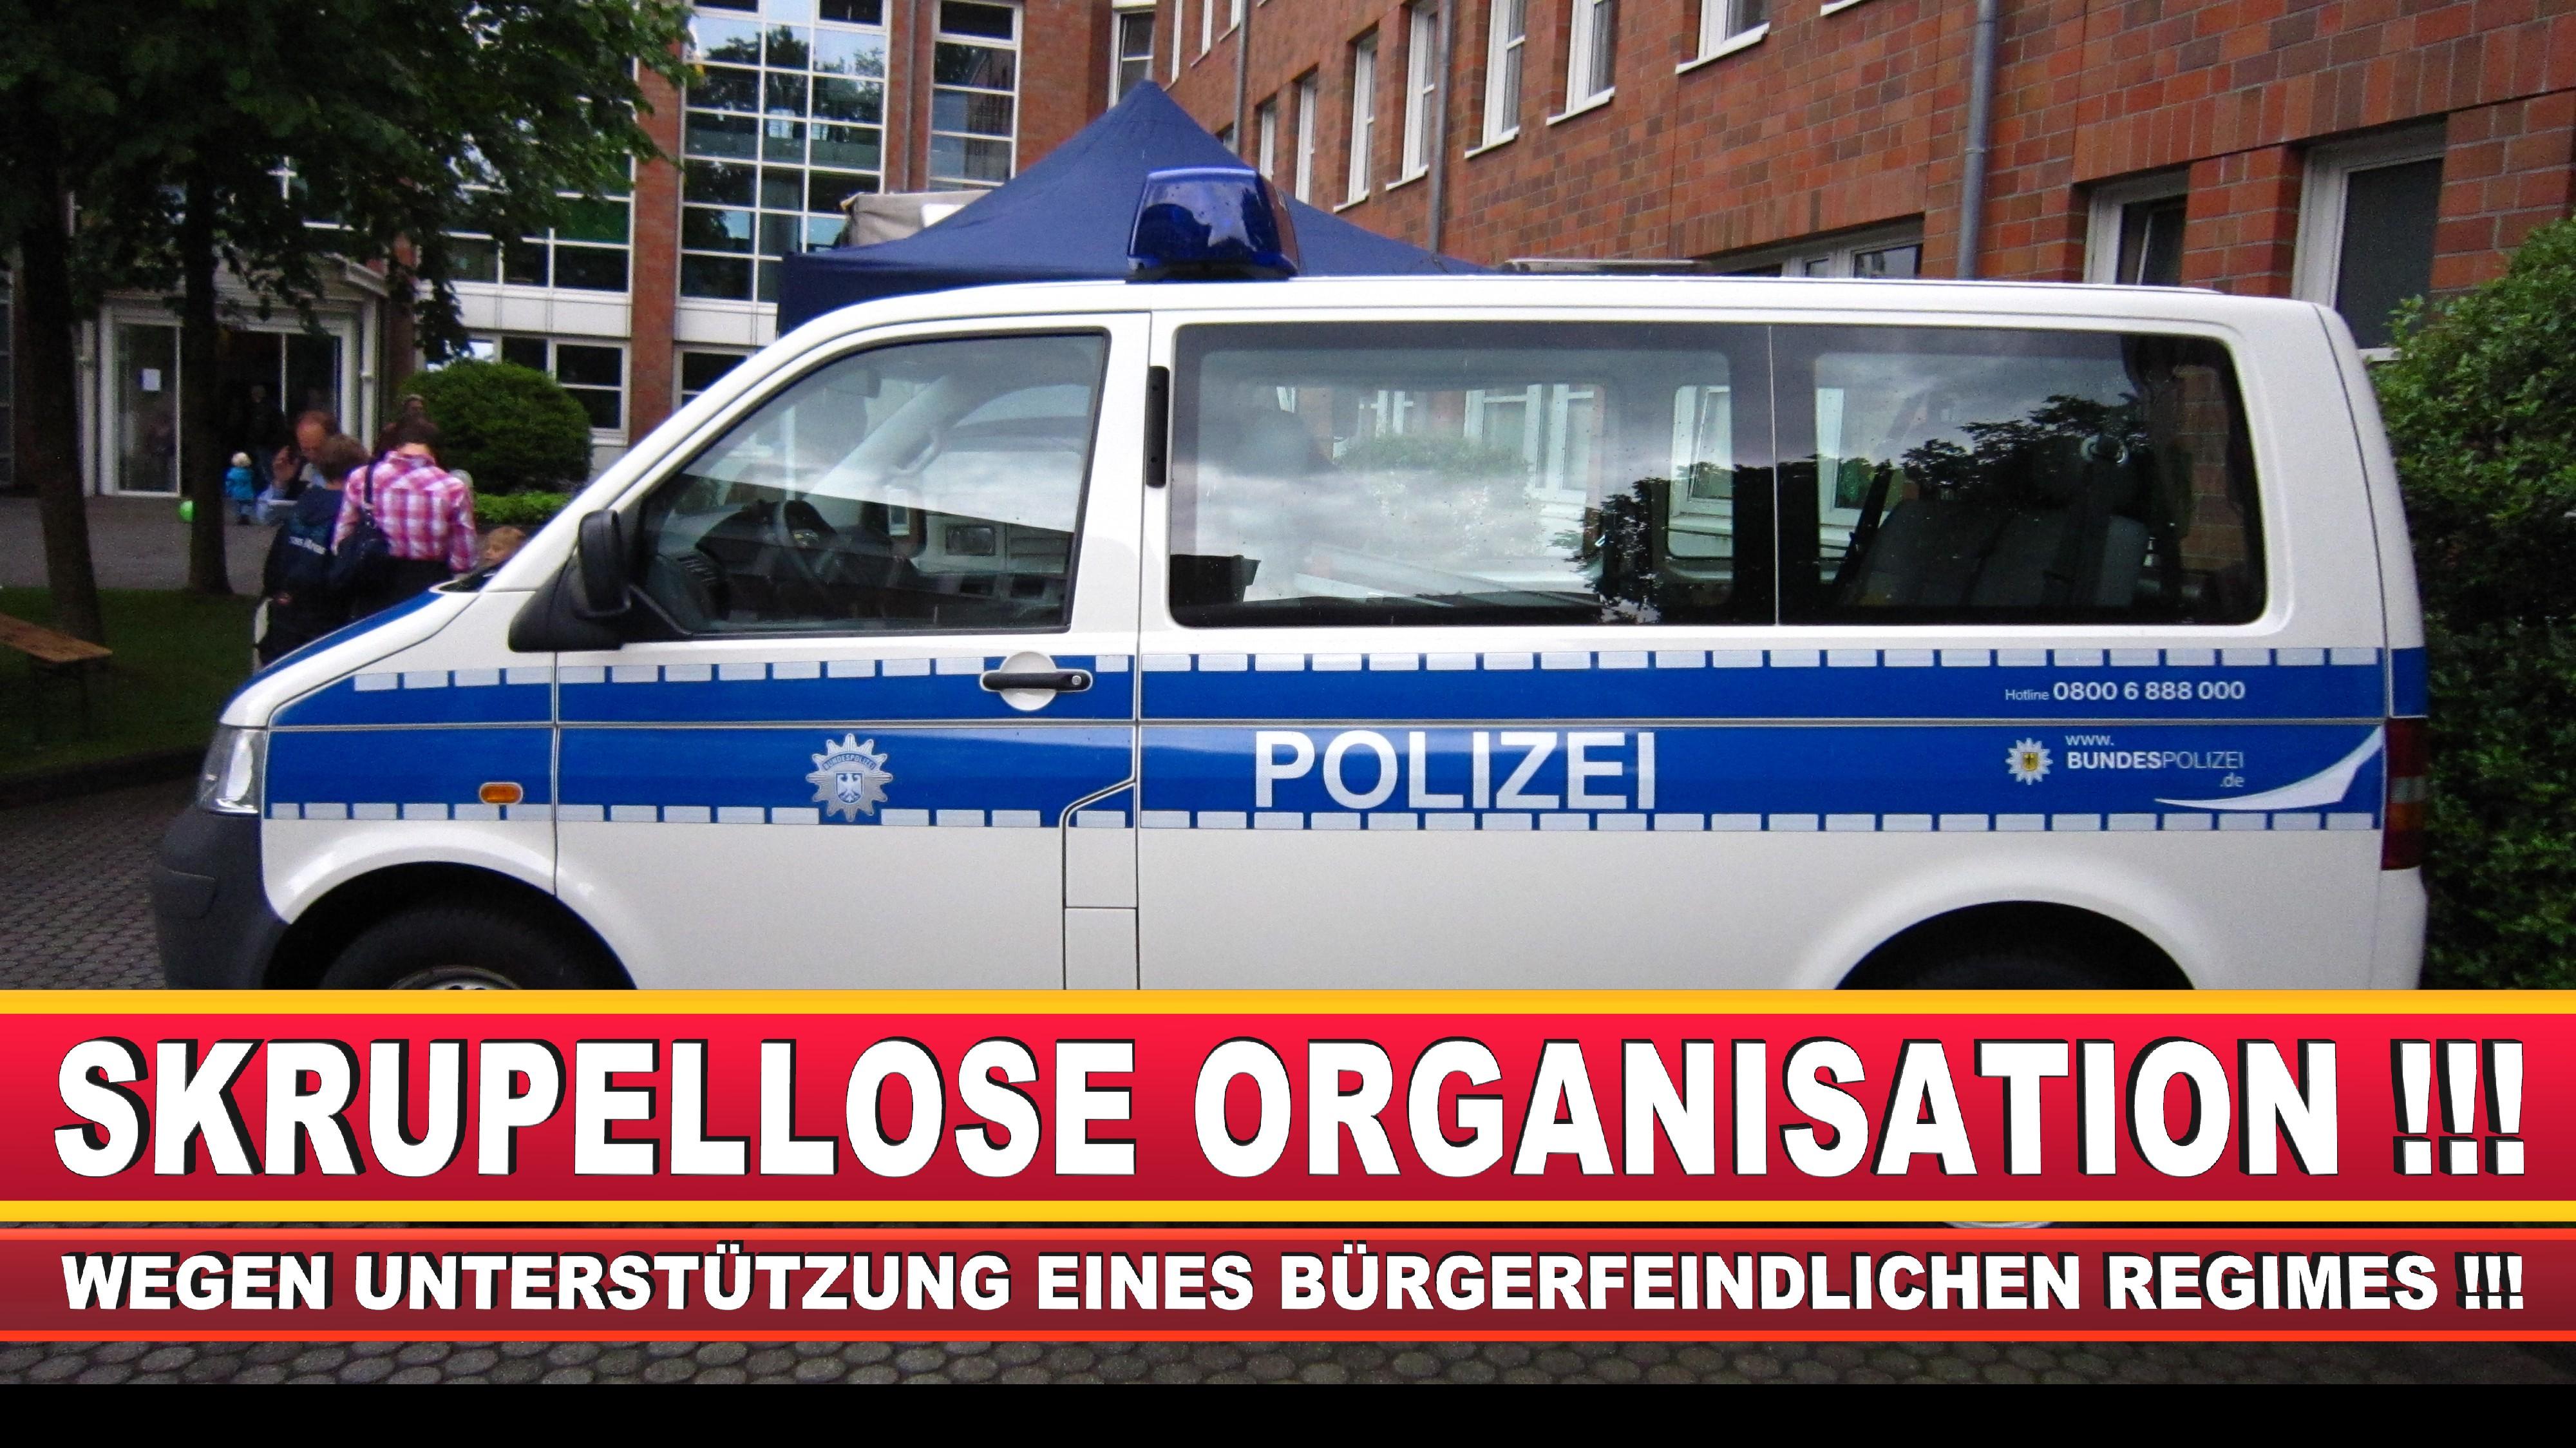 Polizeipräsidentin Katharina Giere Polizei Bielefeld NRW Erwin Südfeld Horst Kruse Polizeiuniform Polizeigewalt DEMONSTRATION Bahnhof (8)